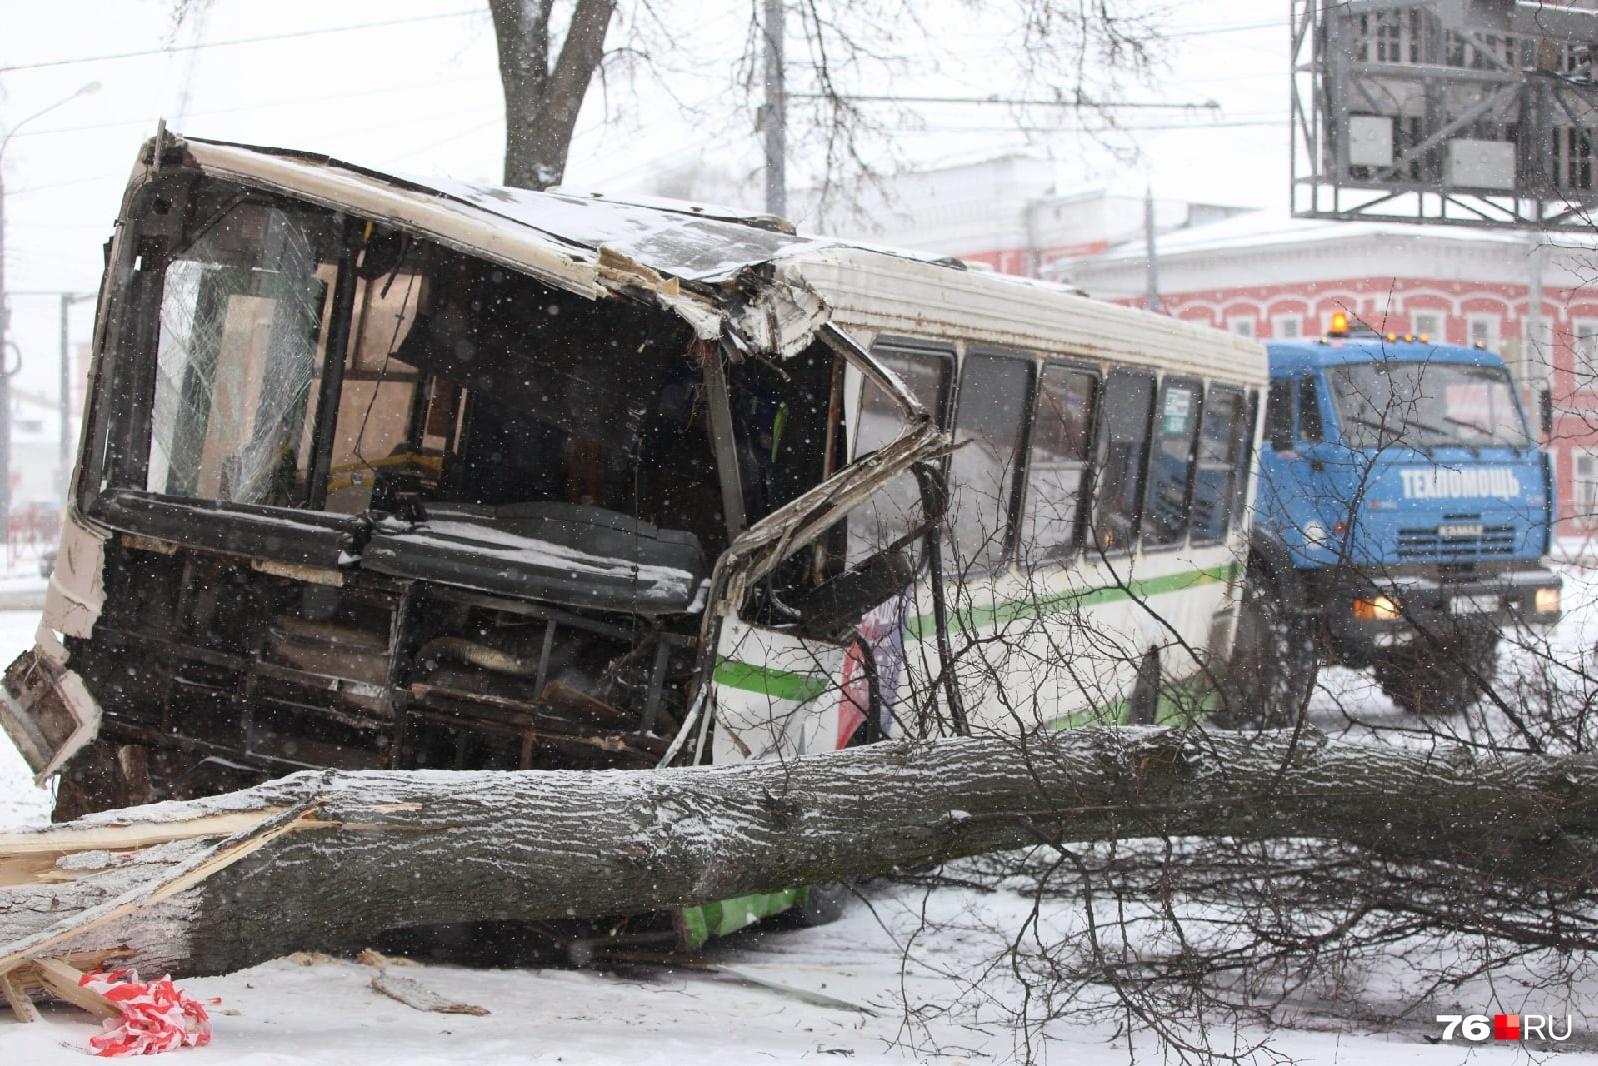 Автобус, который потерял управление, проехал по встречке целый квартал и врезался в дер